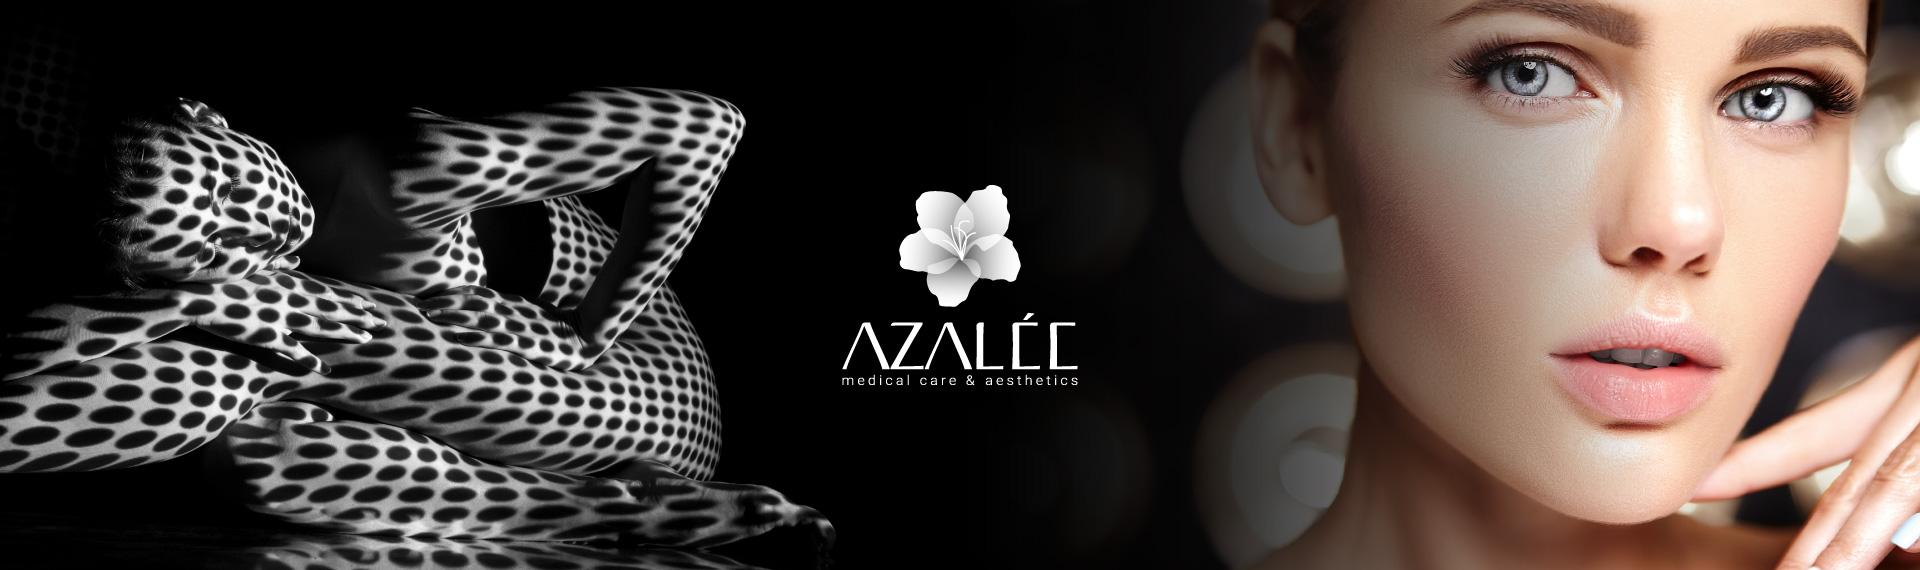 κατασκευή ιατρικής ιστοσελίδας azalee